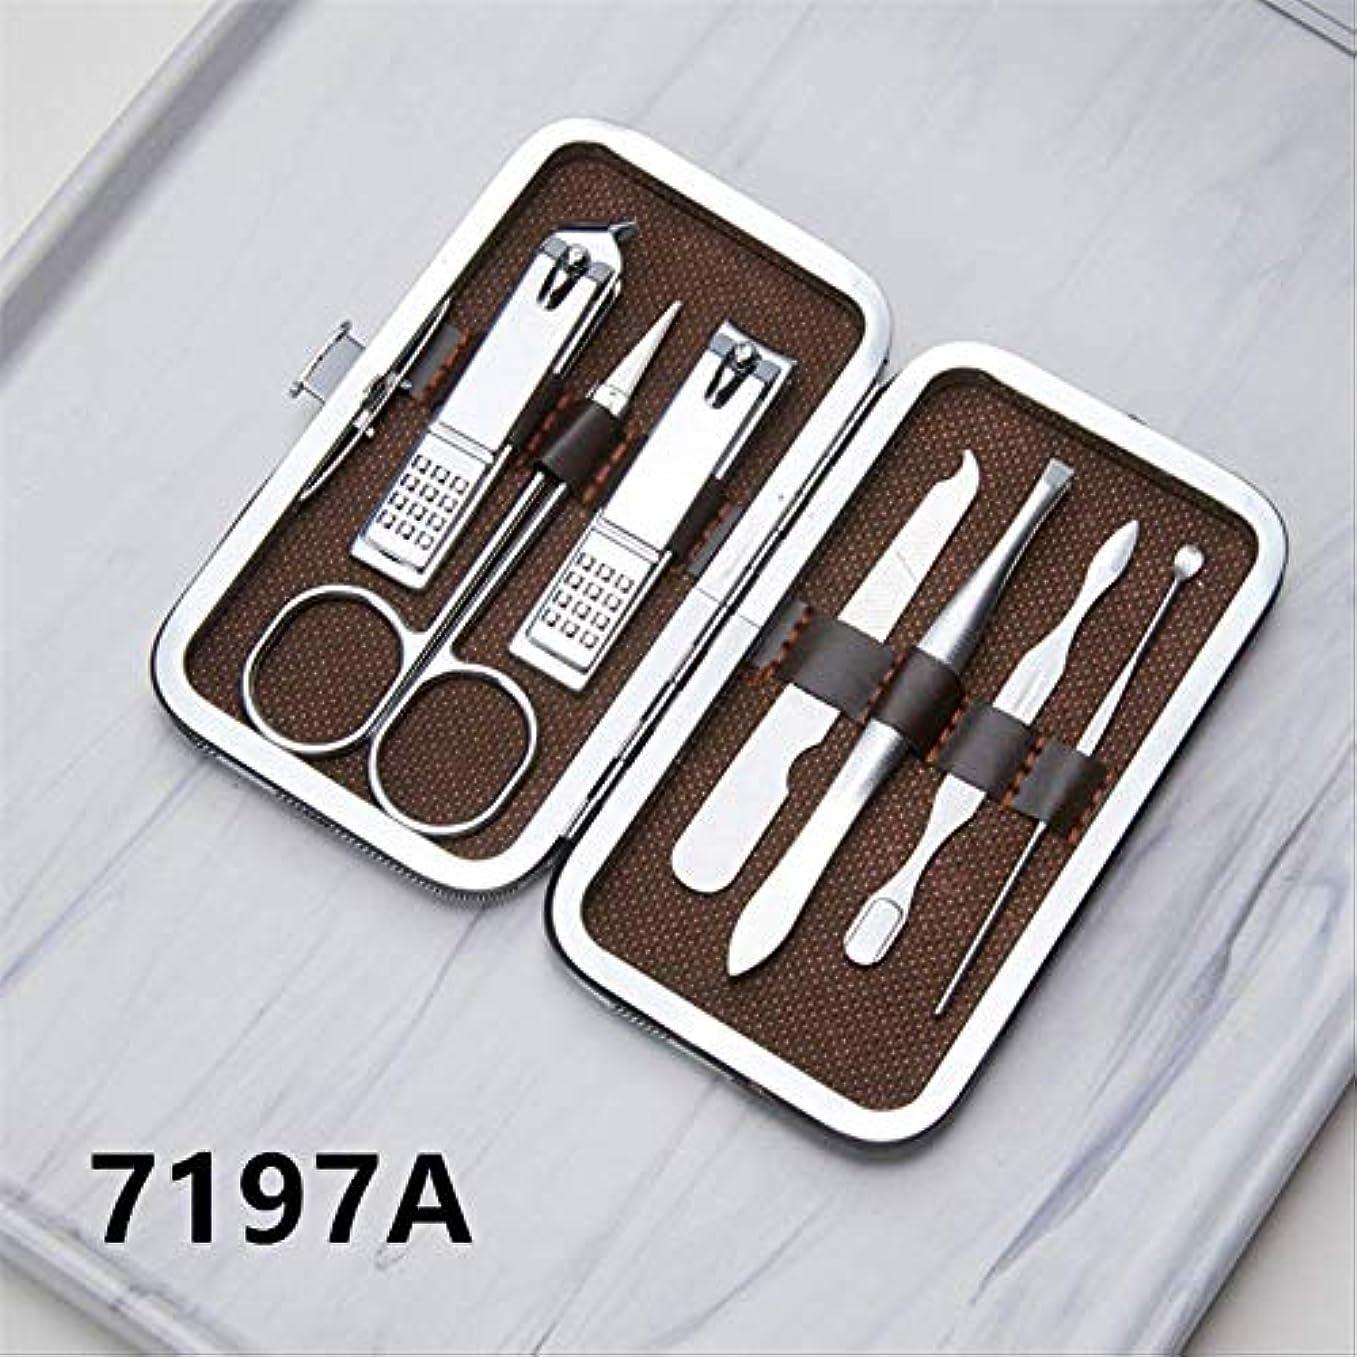 列車嵐が丘エトナ山爪切りセット16ピースペディキュアナイフ美容プライヤー爪ツール 7197A